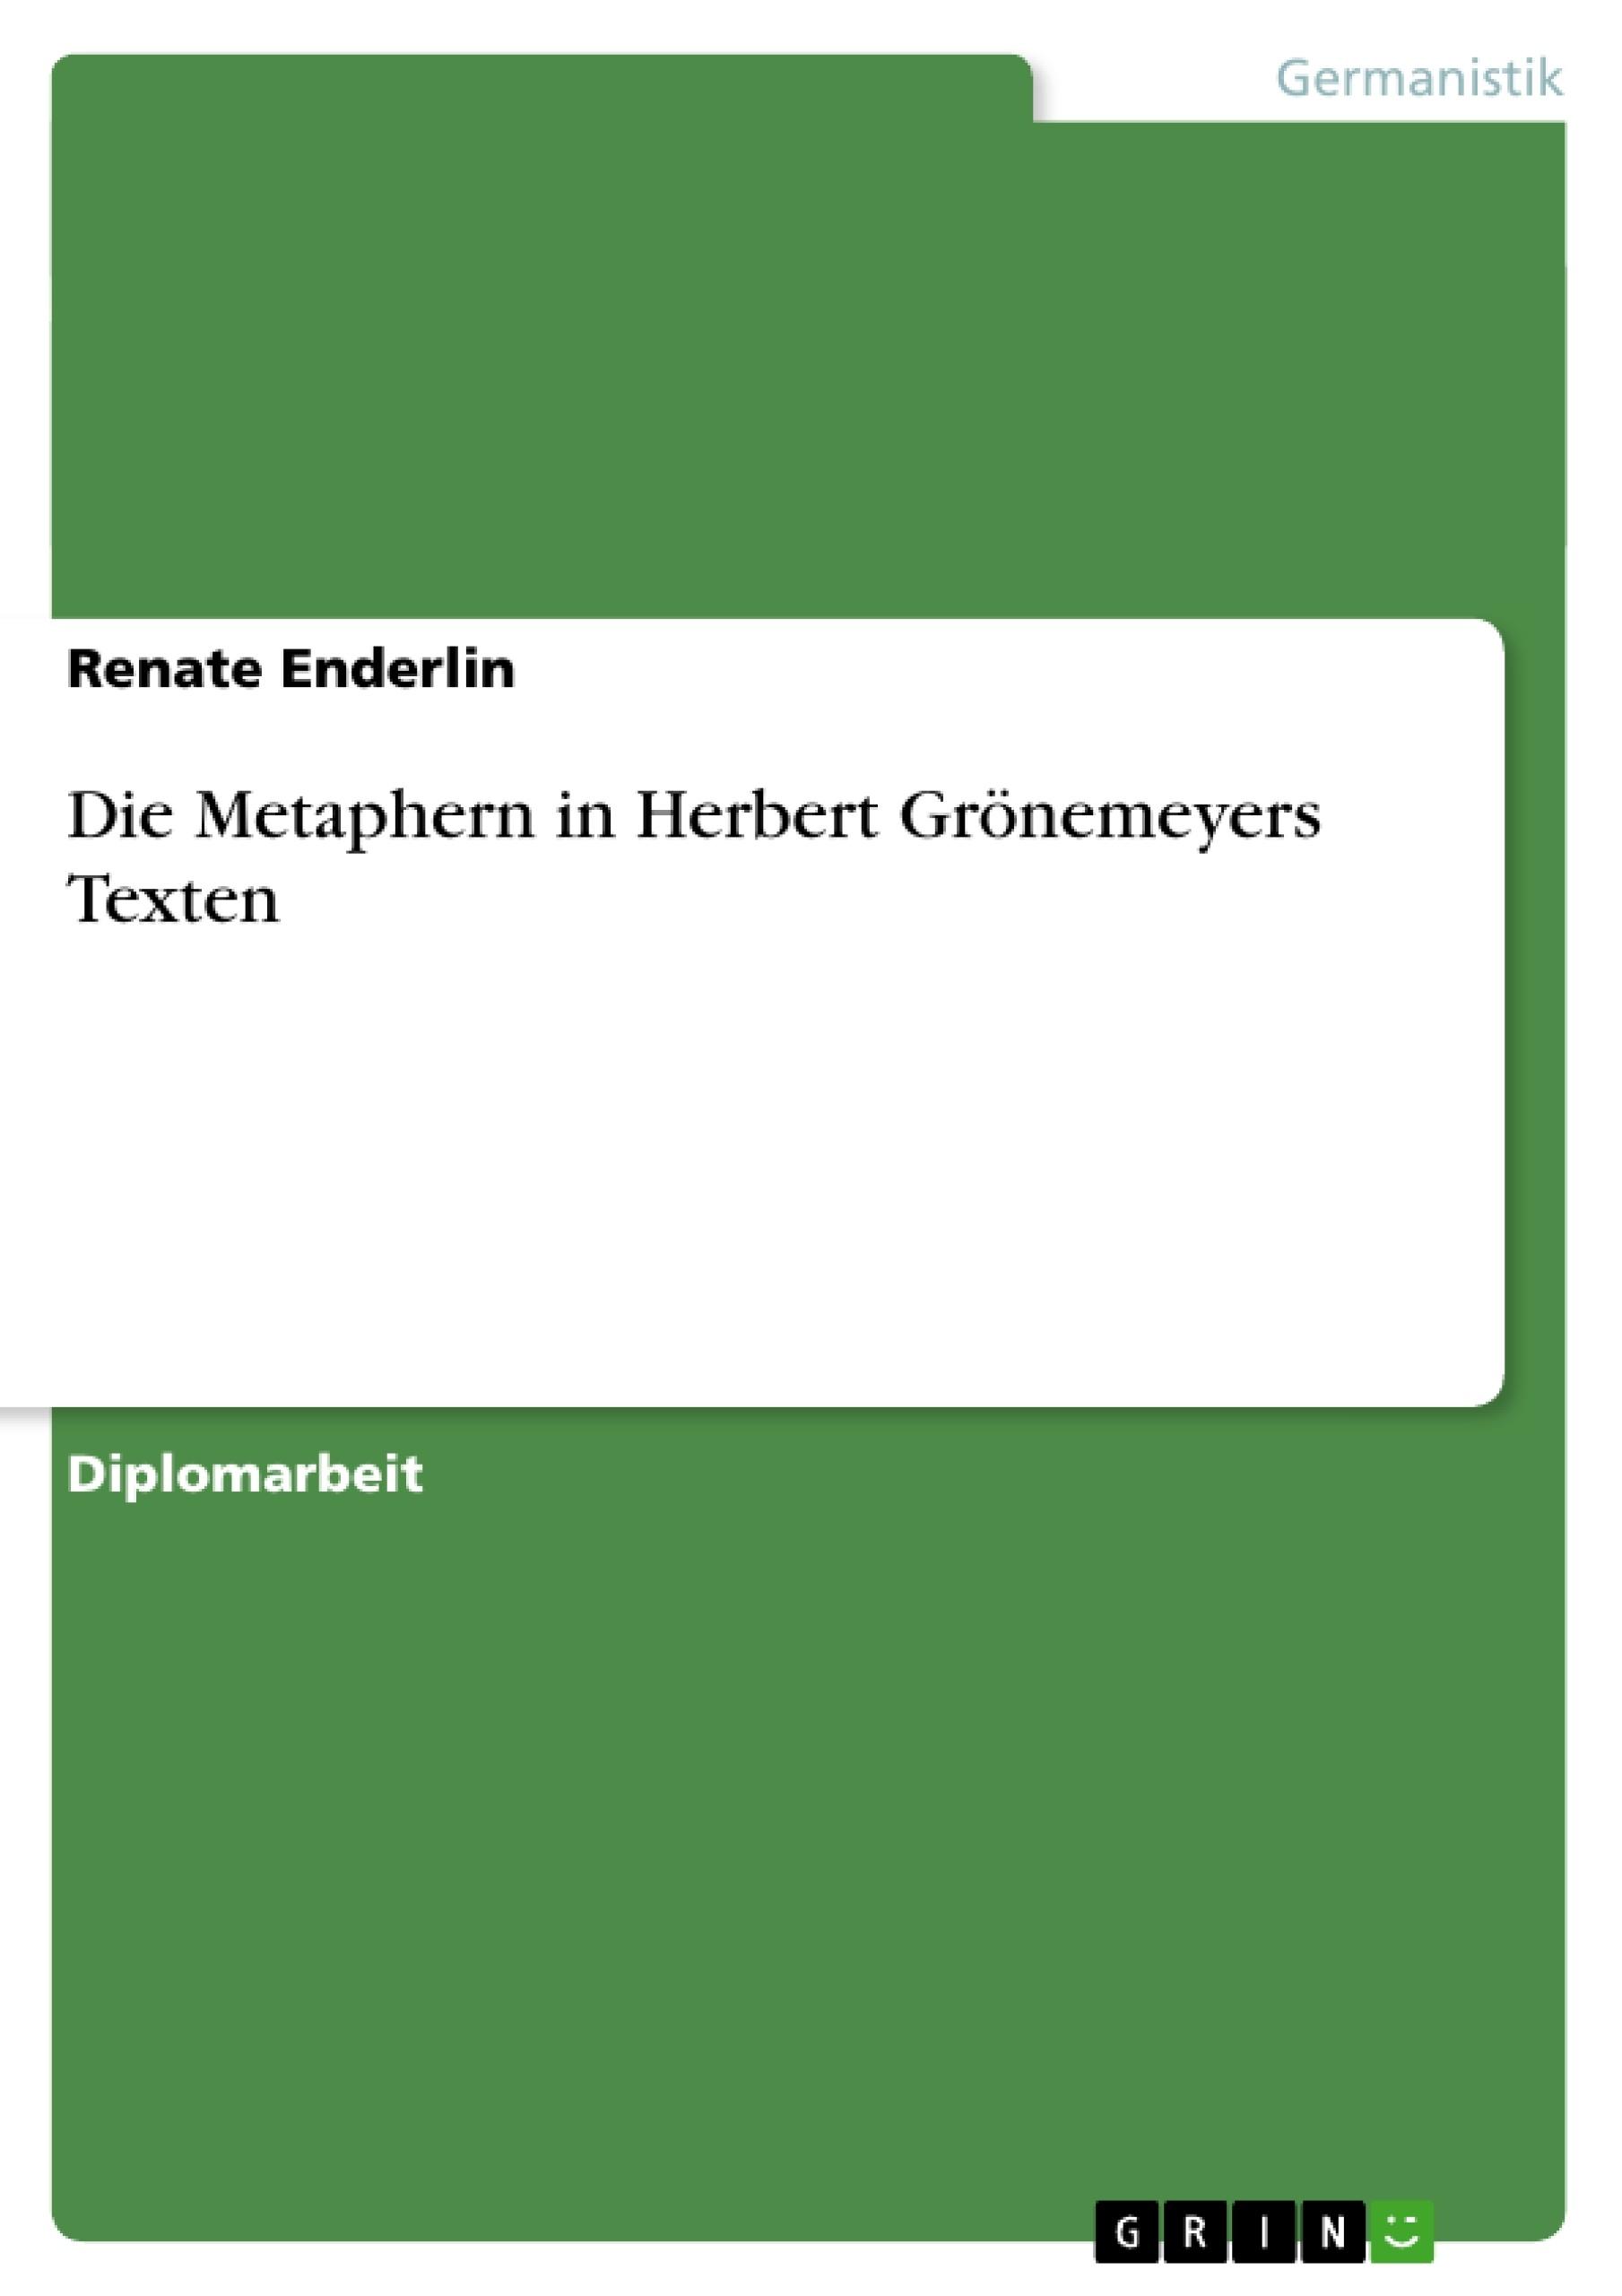 Titel: Die Metaphern in Herbert Grönemeyers Texten